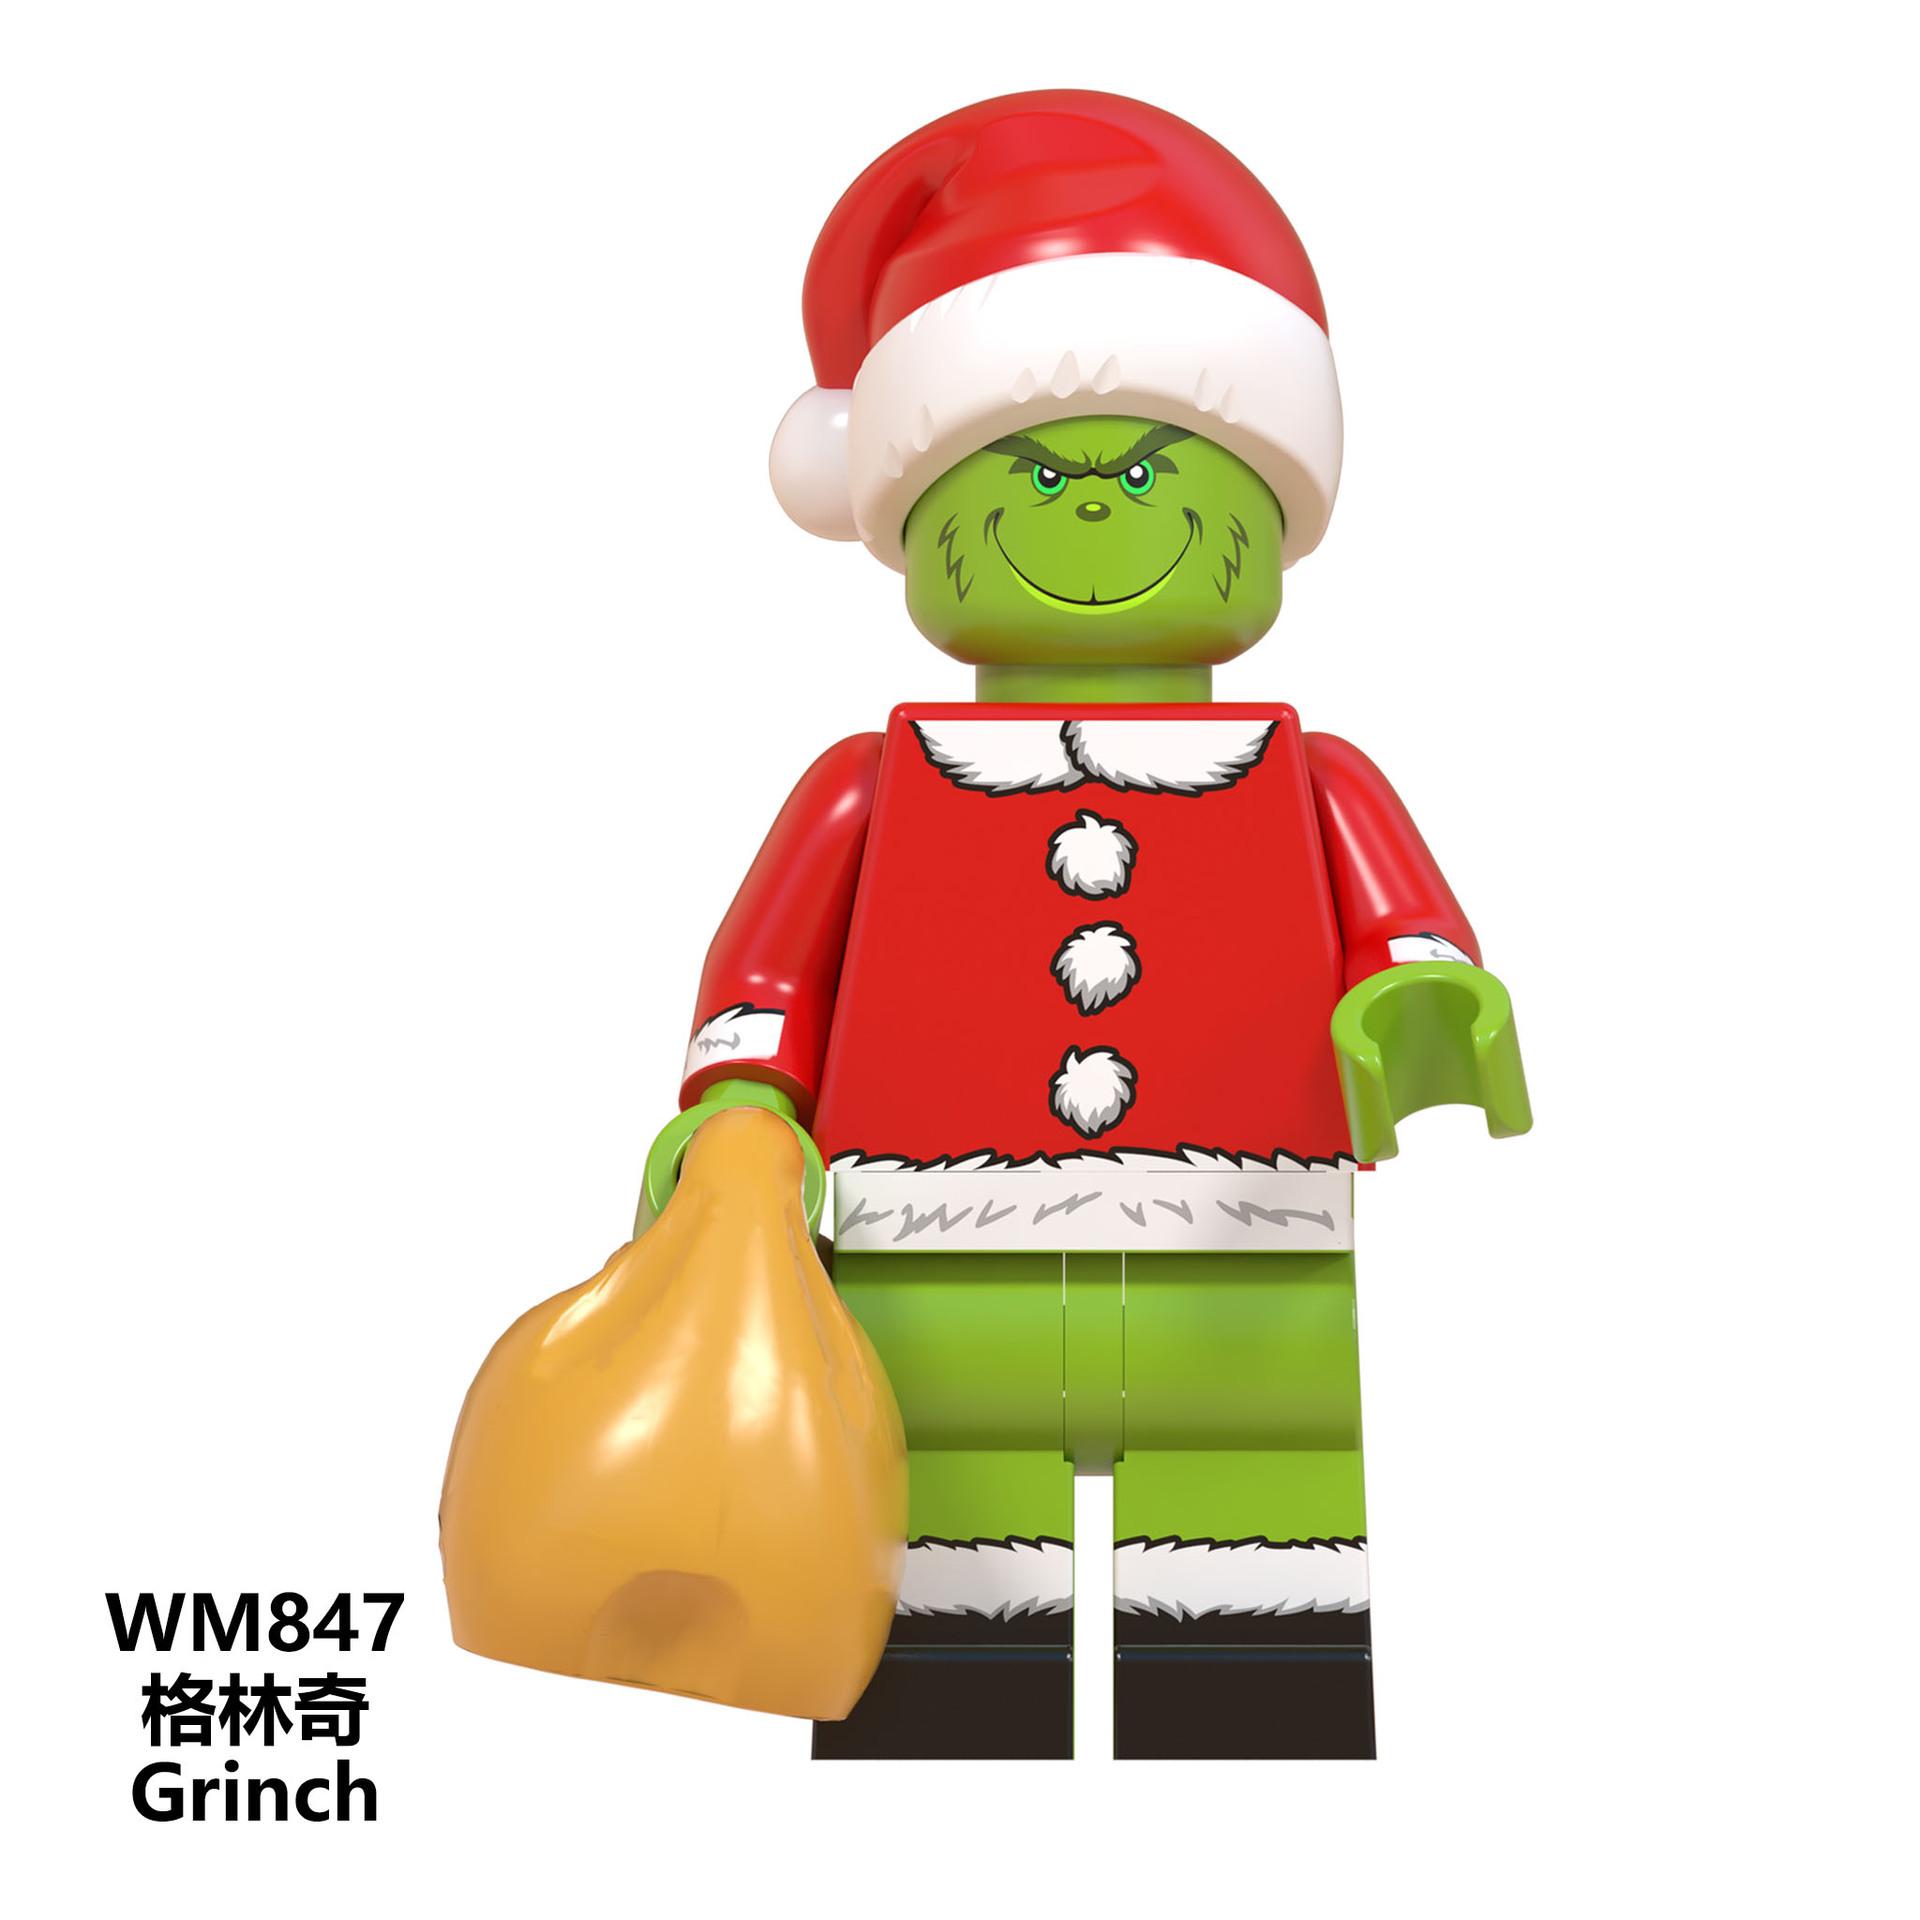 WM847.jpg